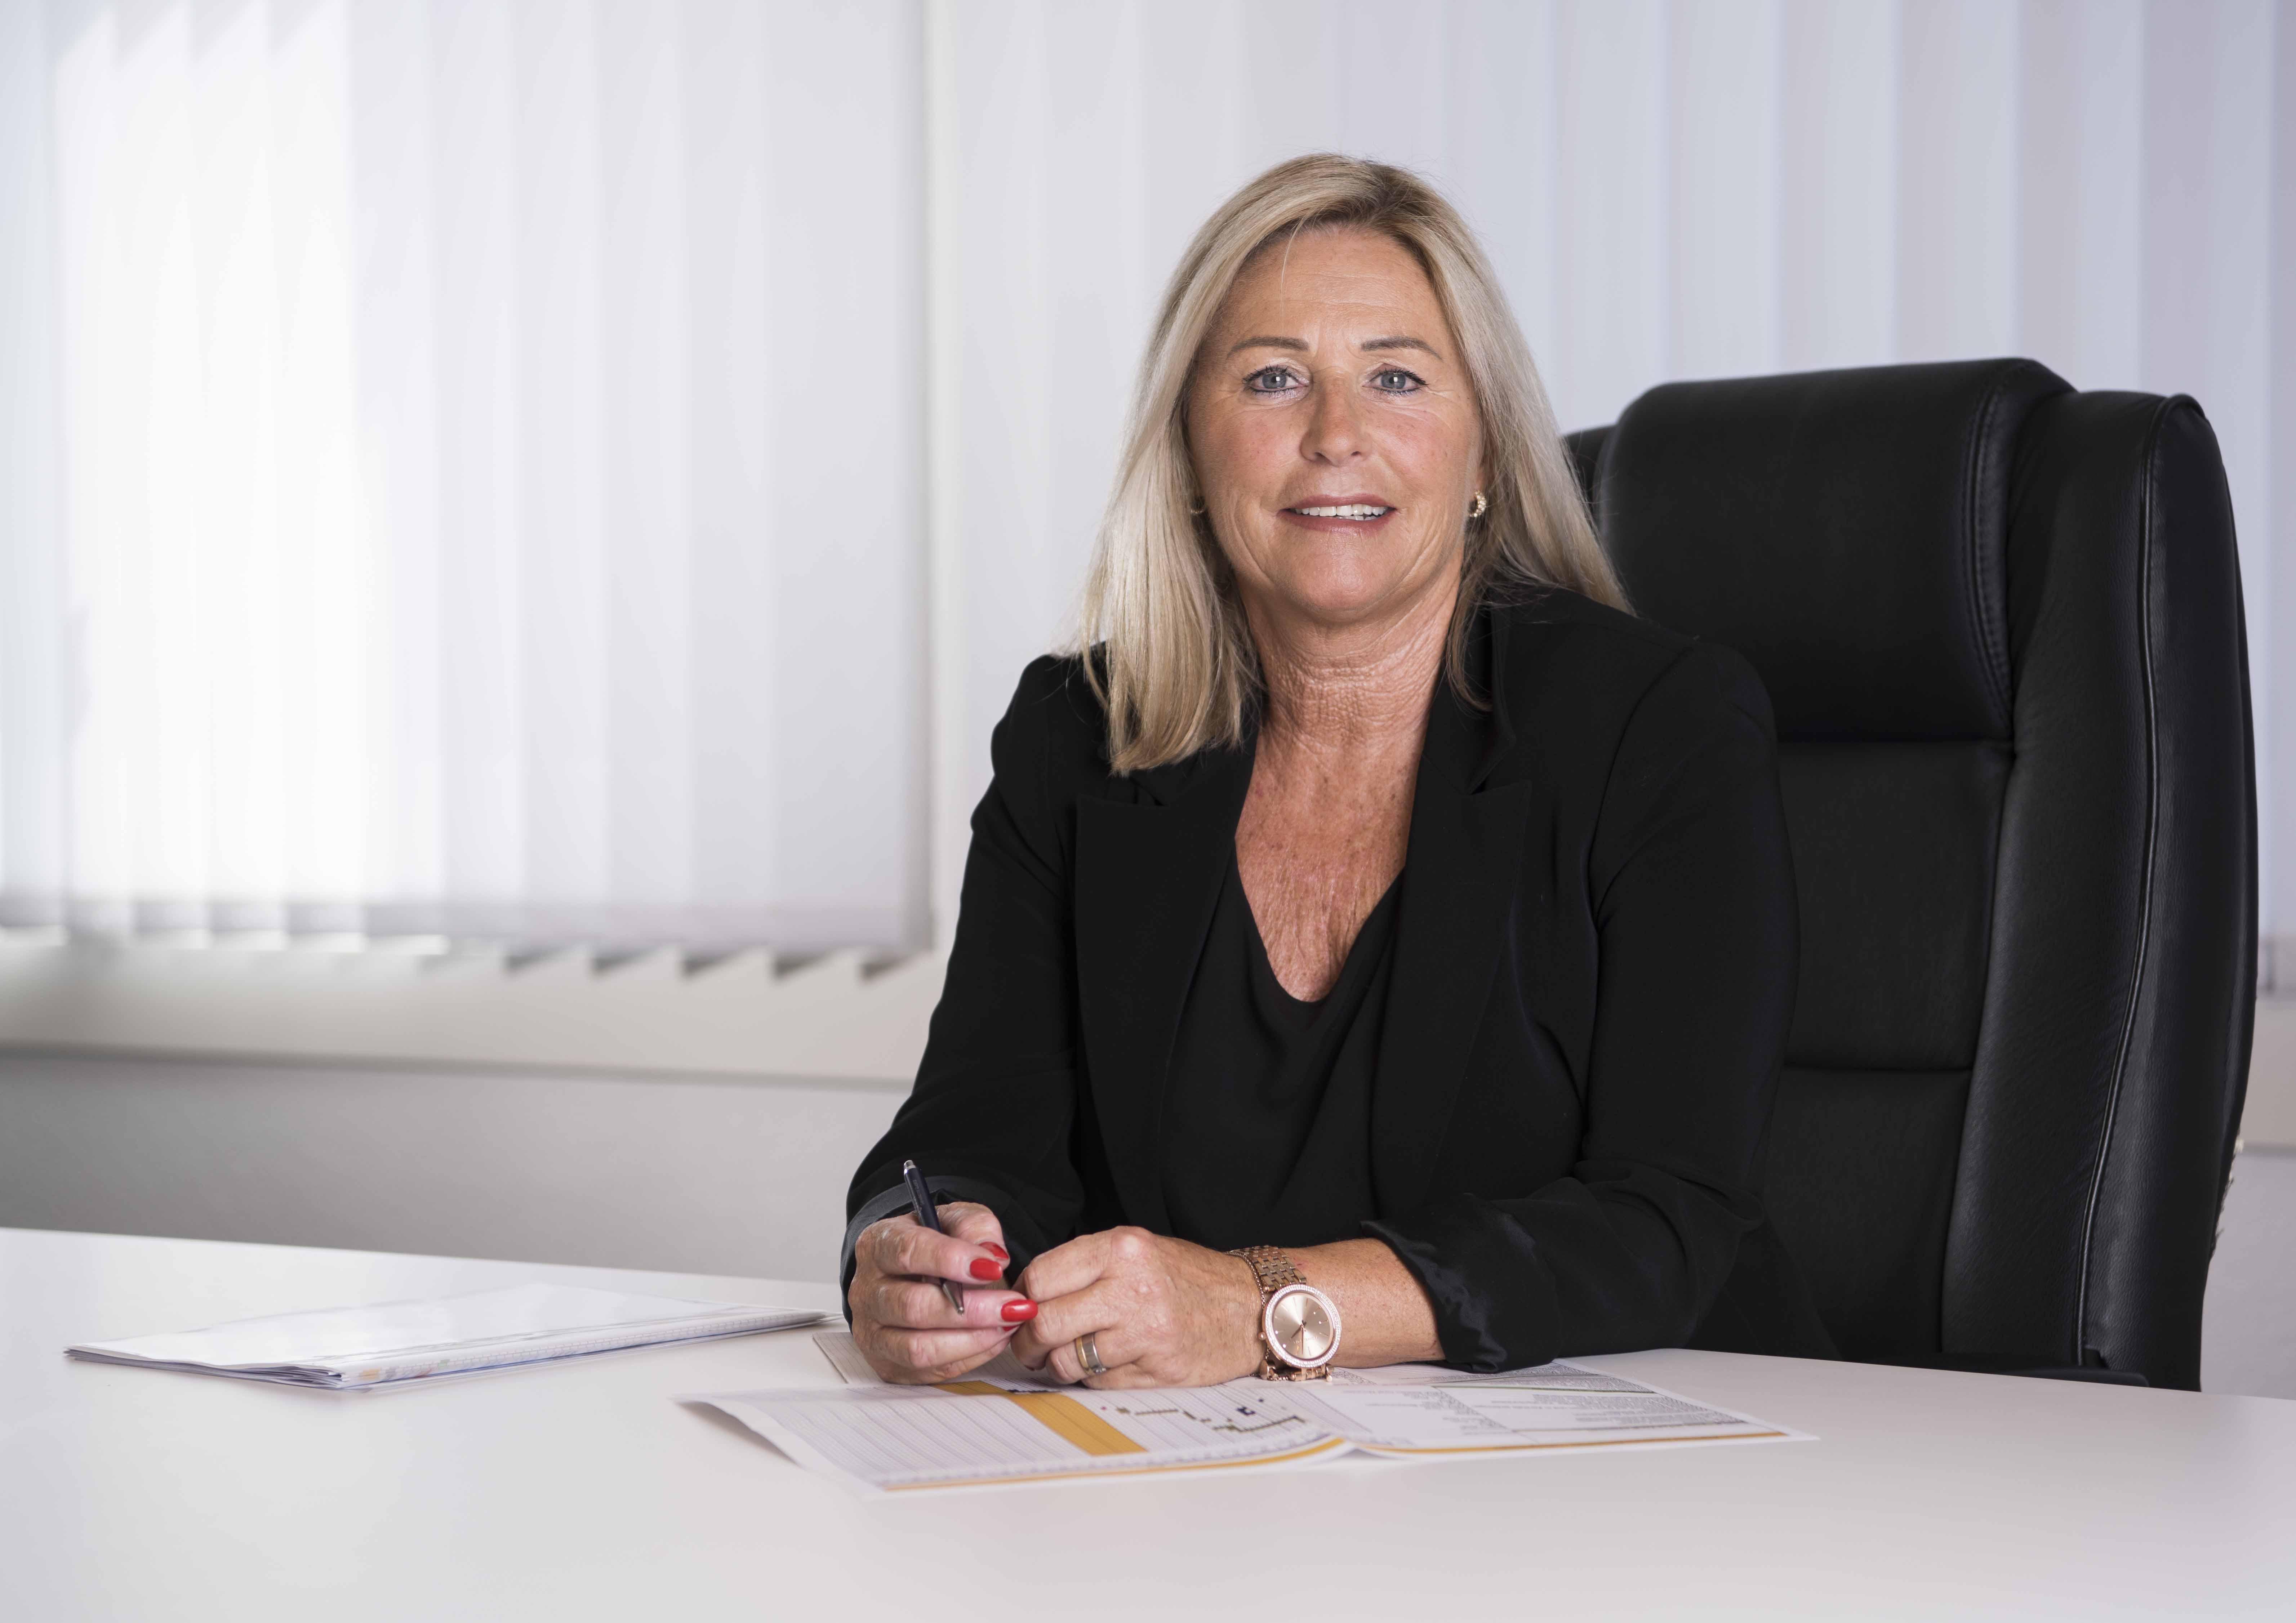 Karin Eggmann